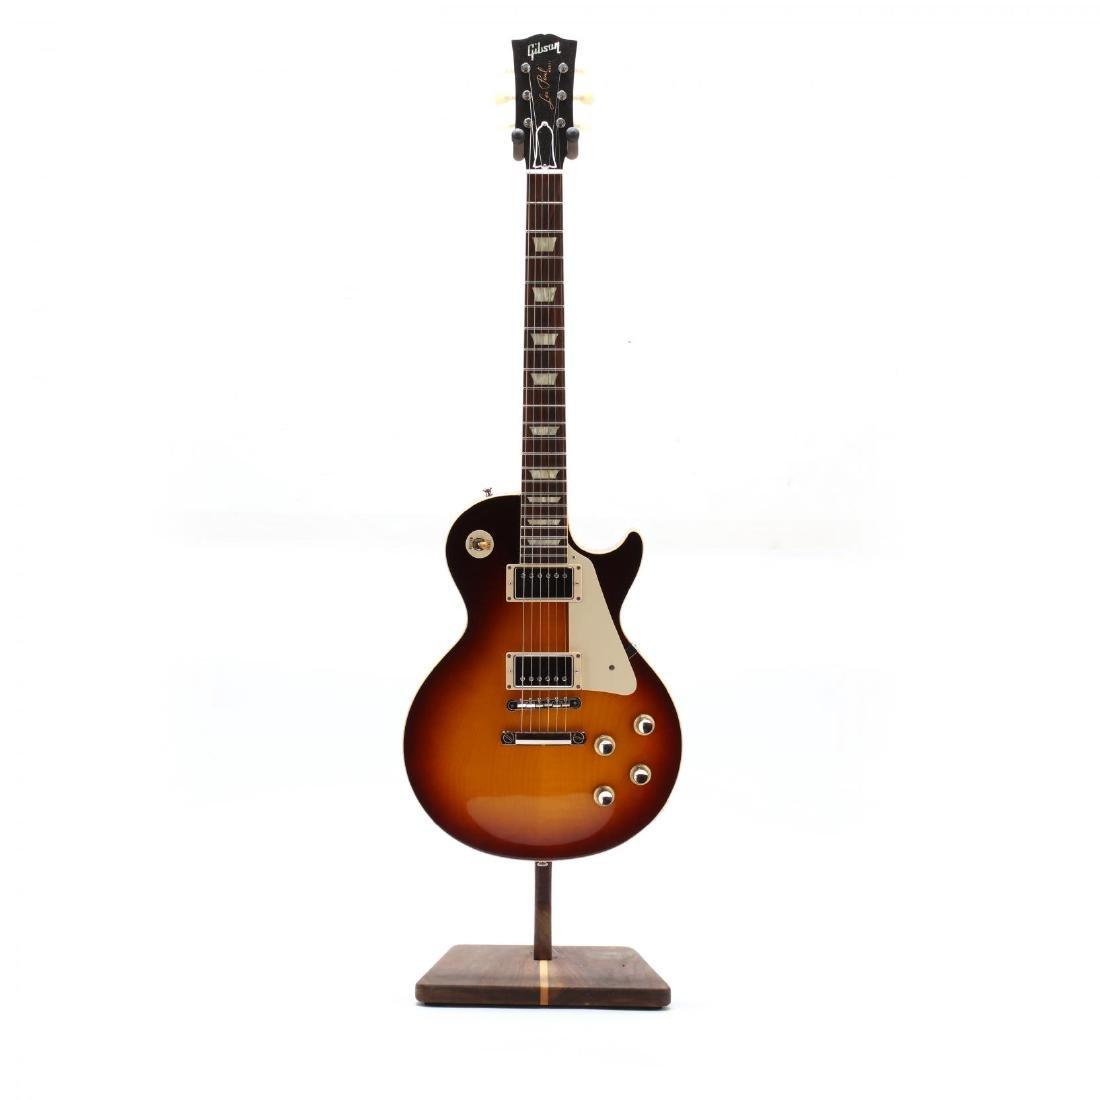 Gibson Les Paul LP-60 Reissue Guitar